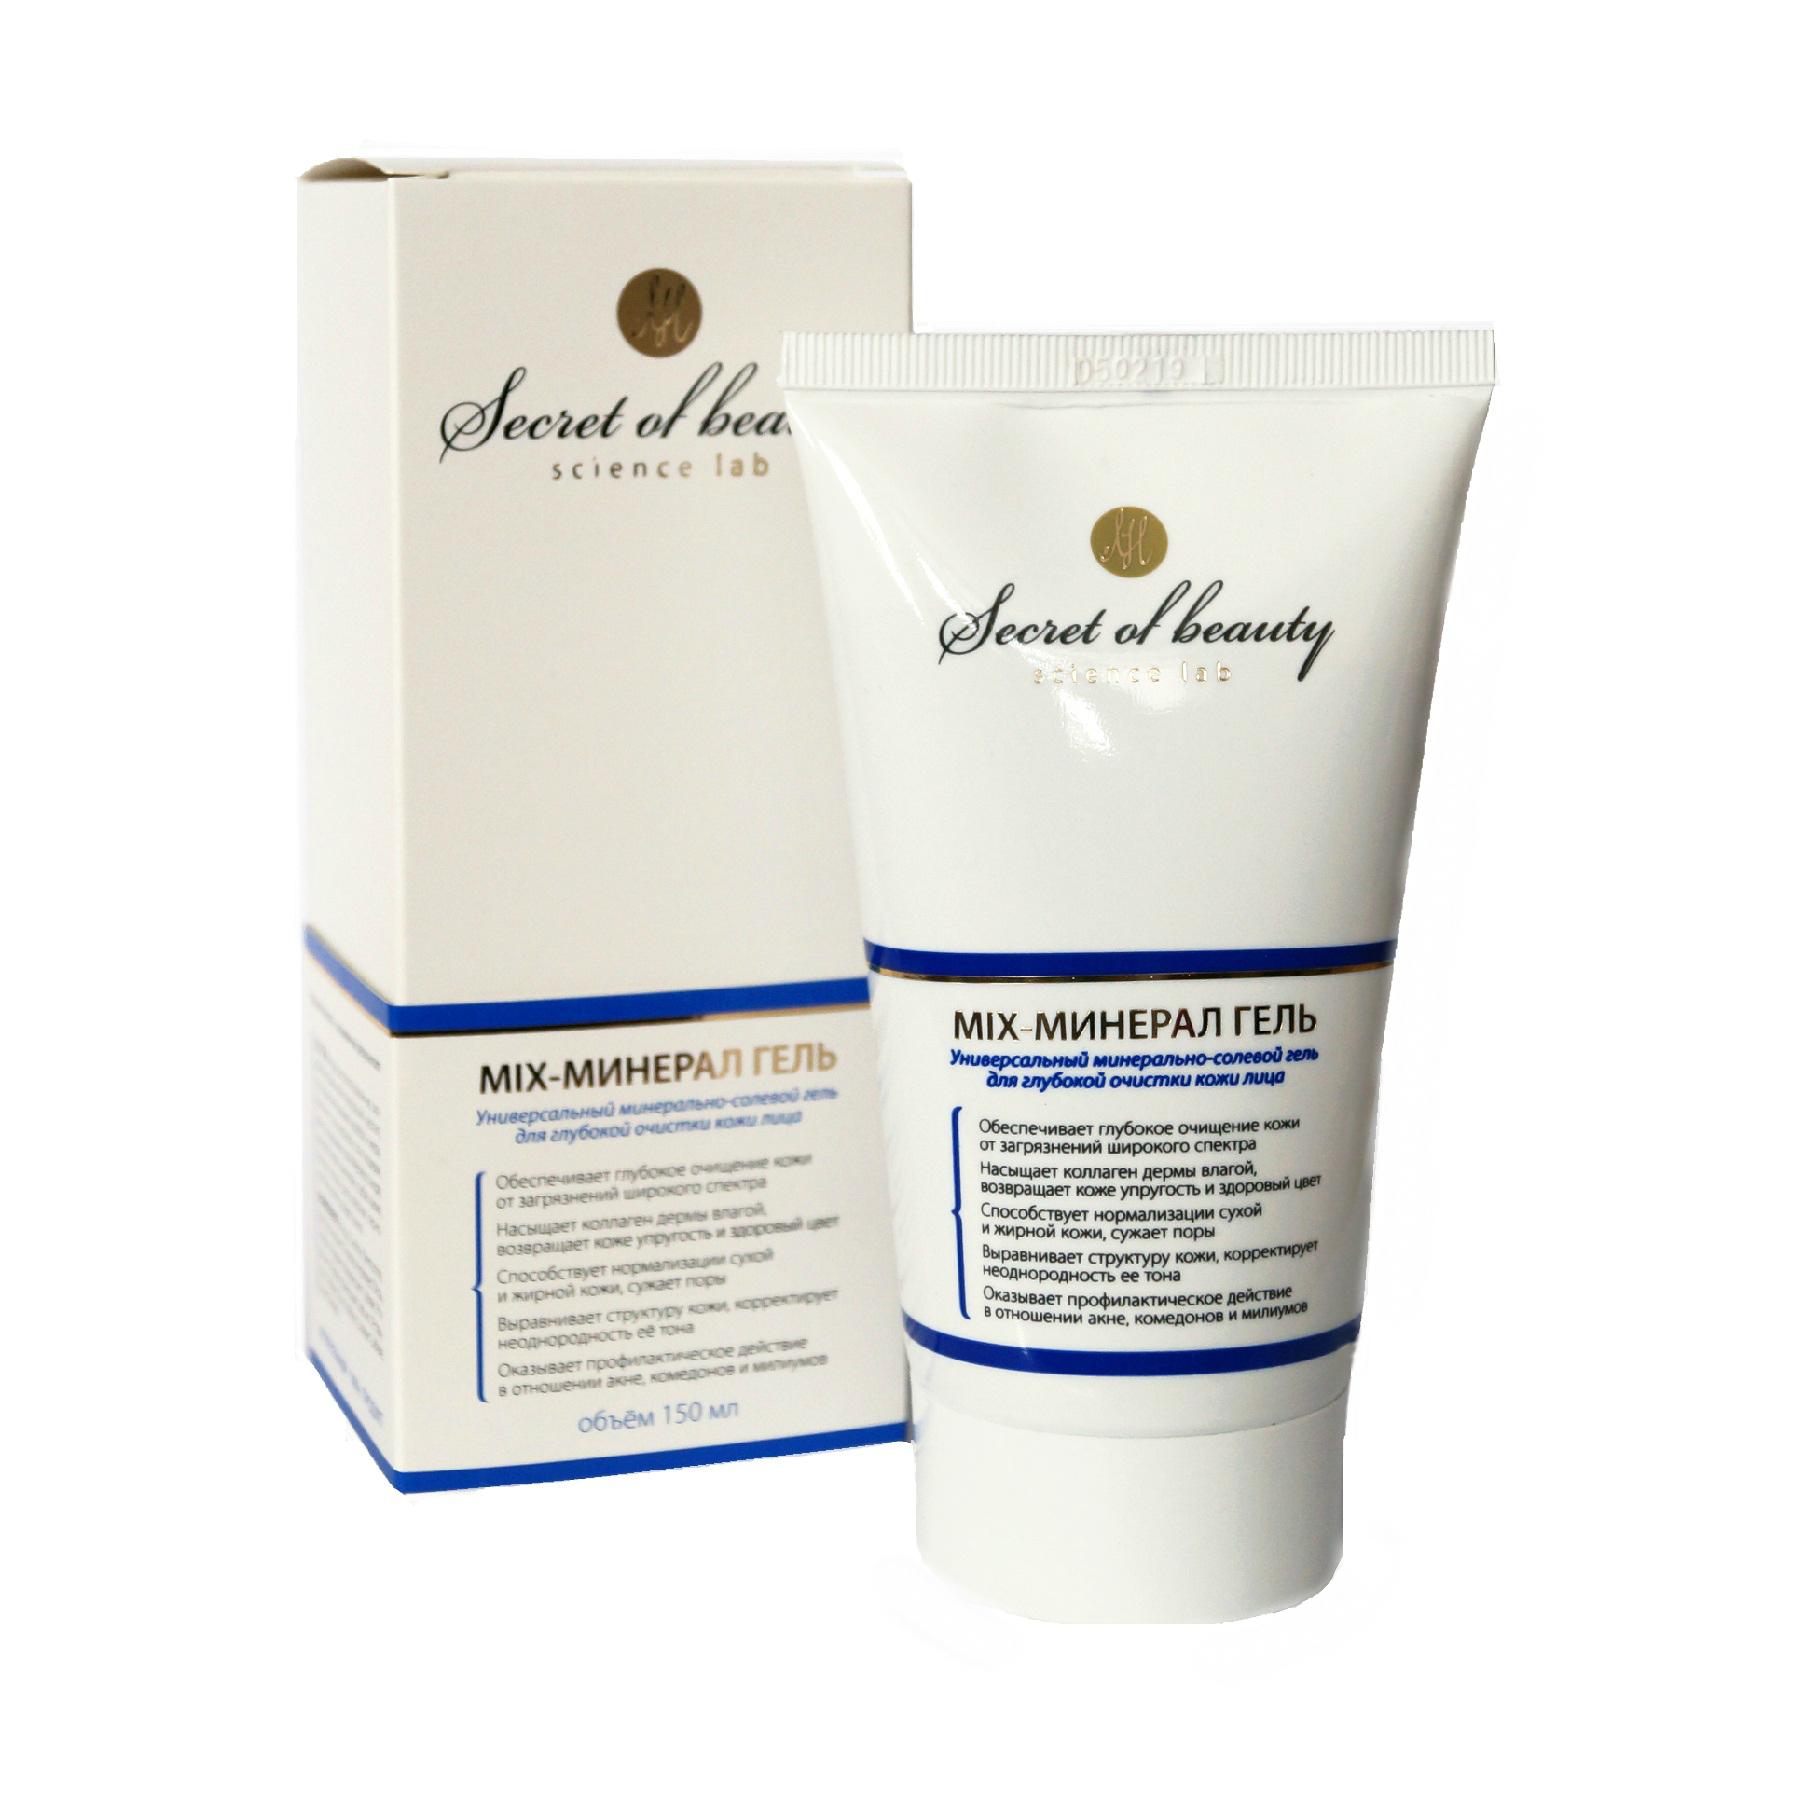 Mix- минерал гель, универсальный минерально- солевой гель для глубокой очистки кожи лица